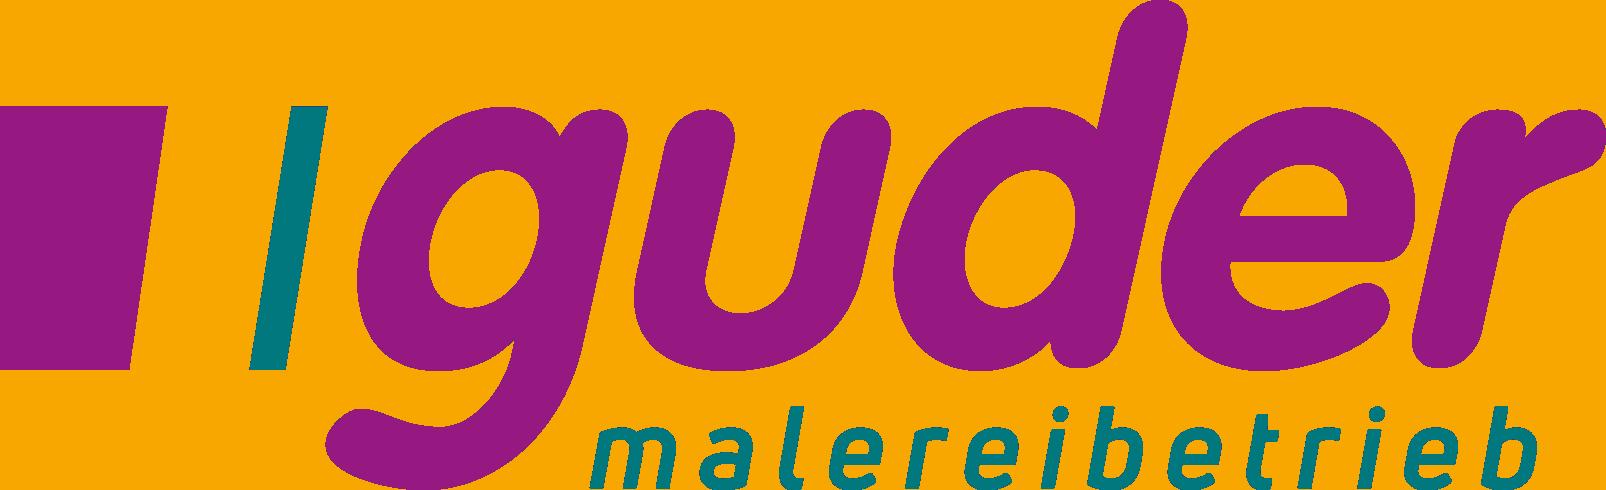 Fachhandel und Musterstudio für Hoya, Bruchhausen-Vilsen, Dörverden, Martfeld und Region